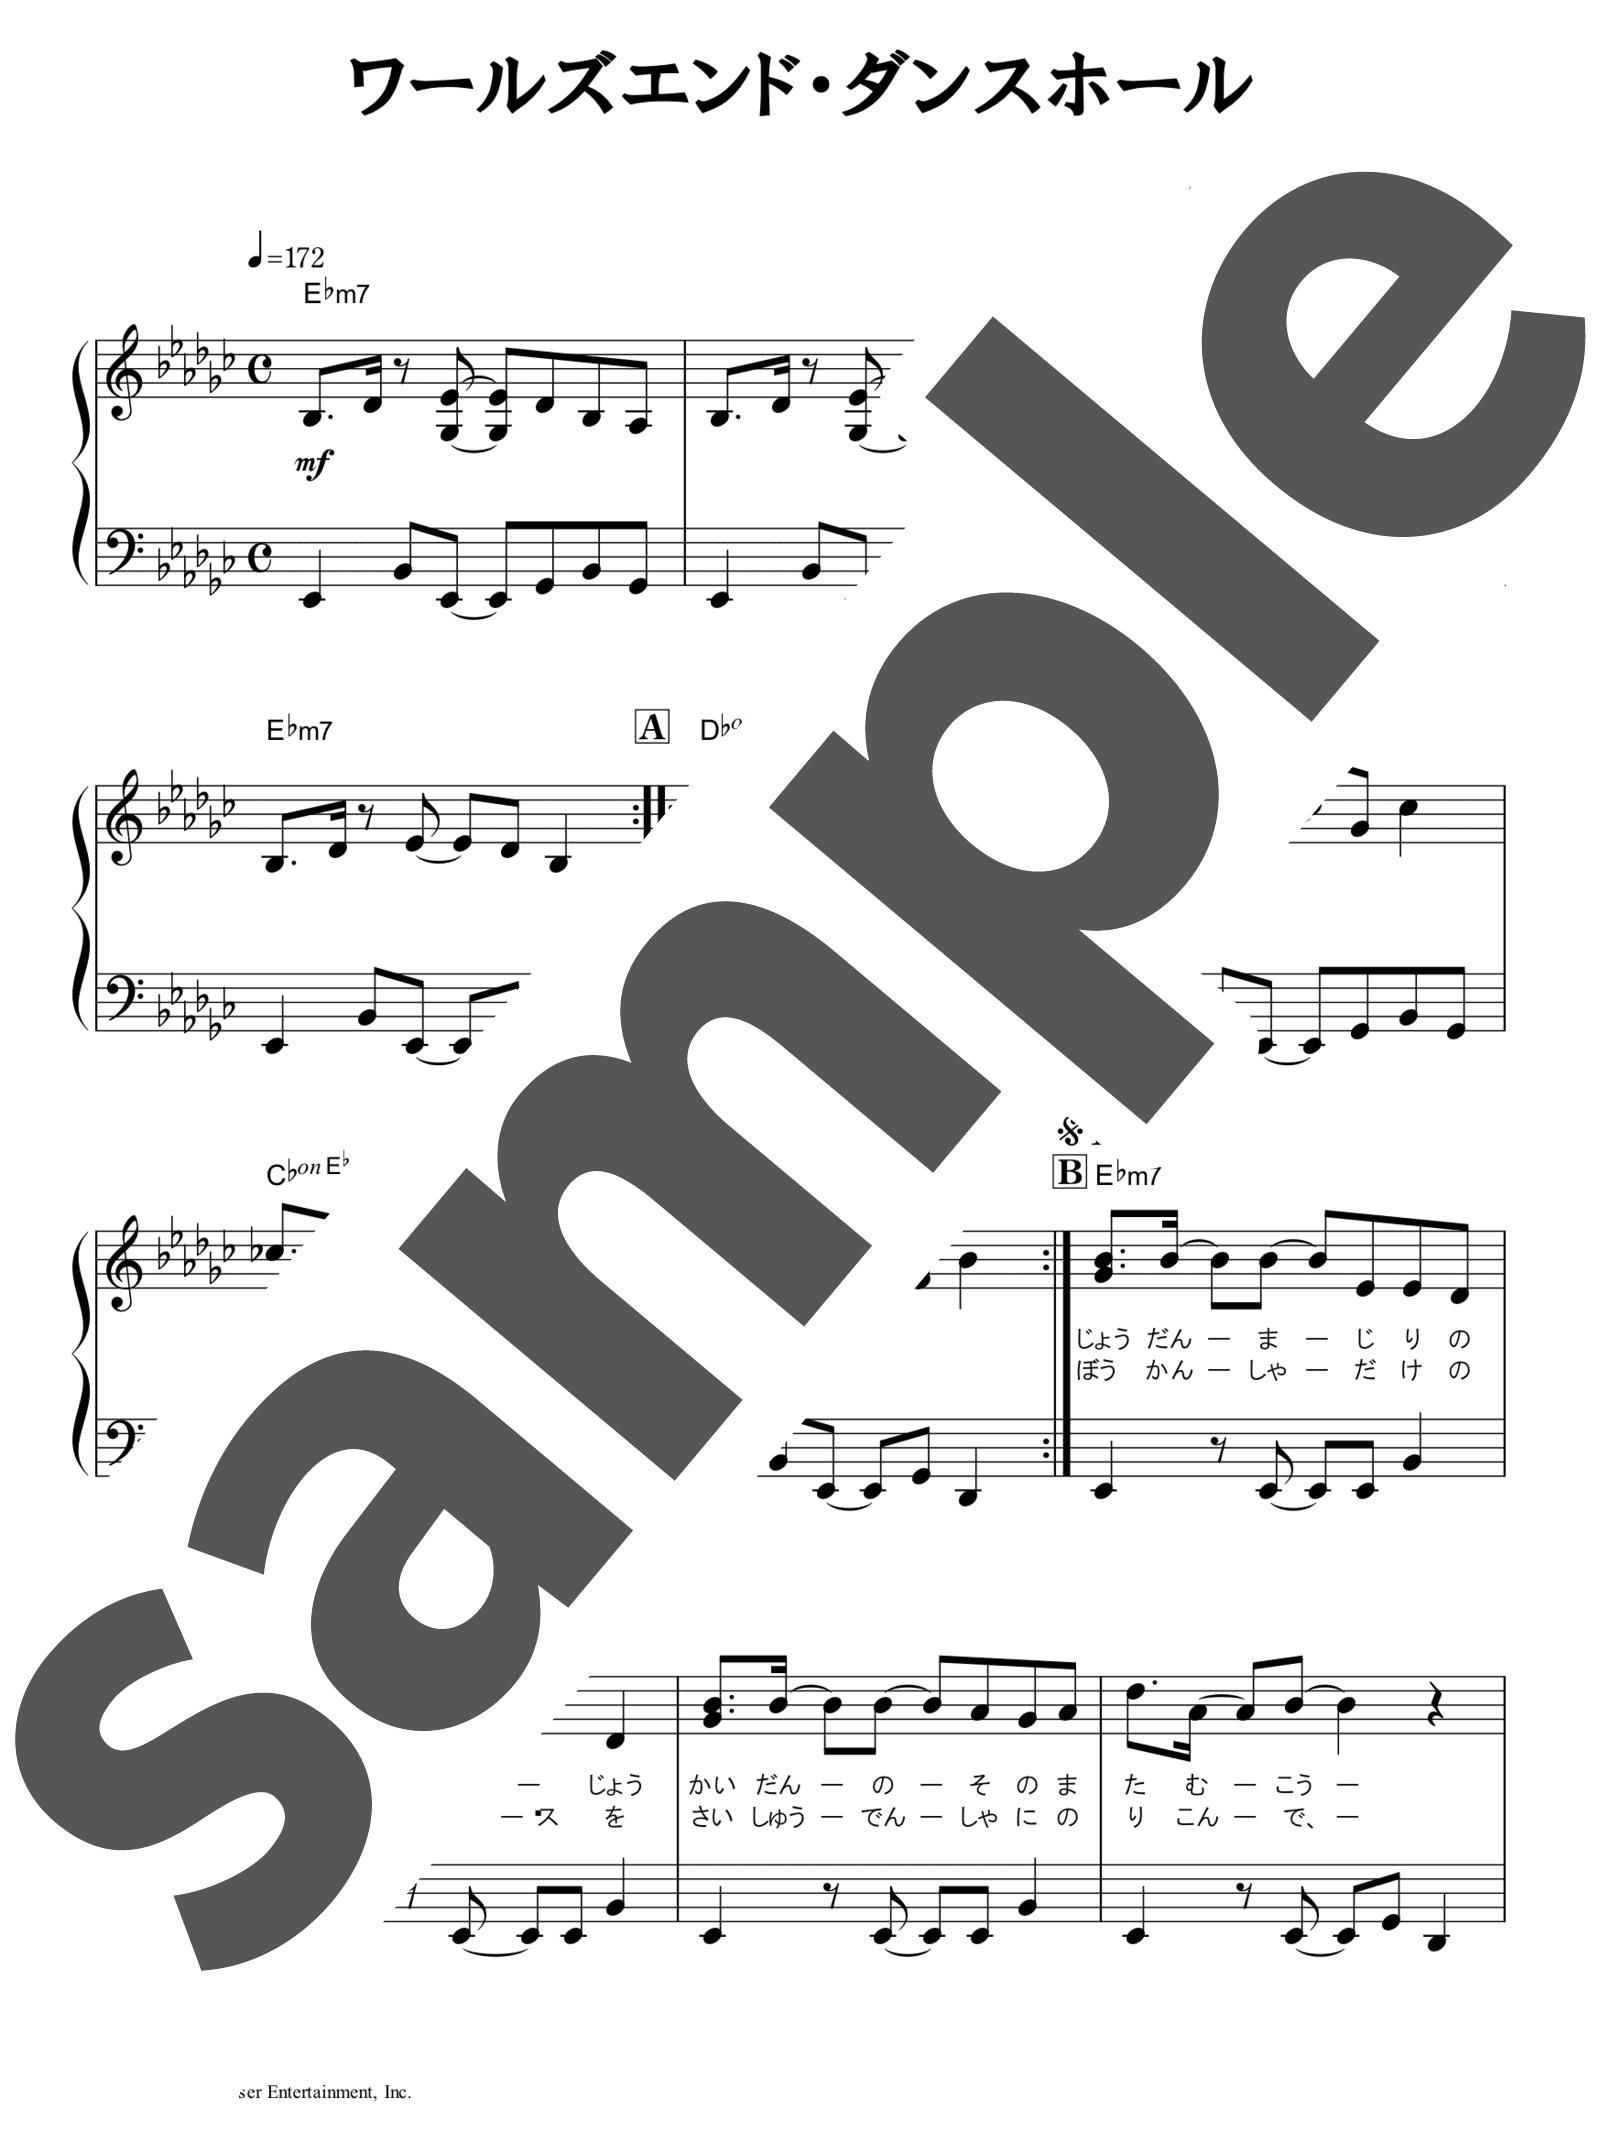 「ワールズエンド・ダンスホール」のサンプル楽譜